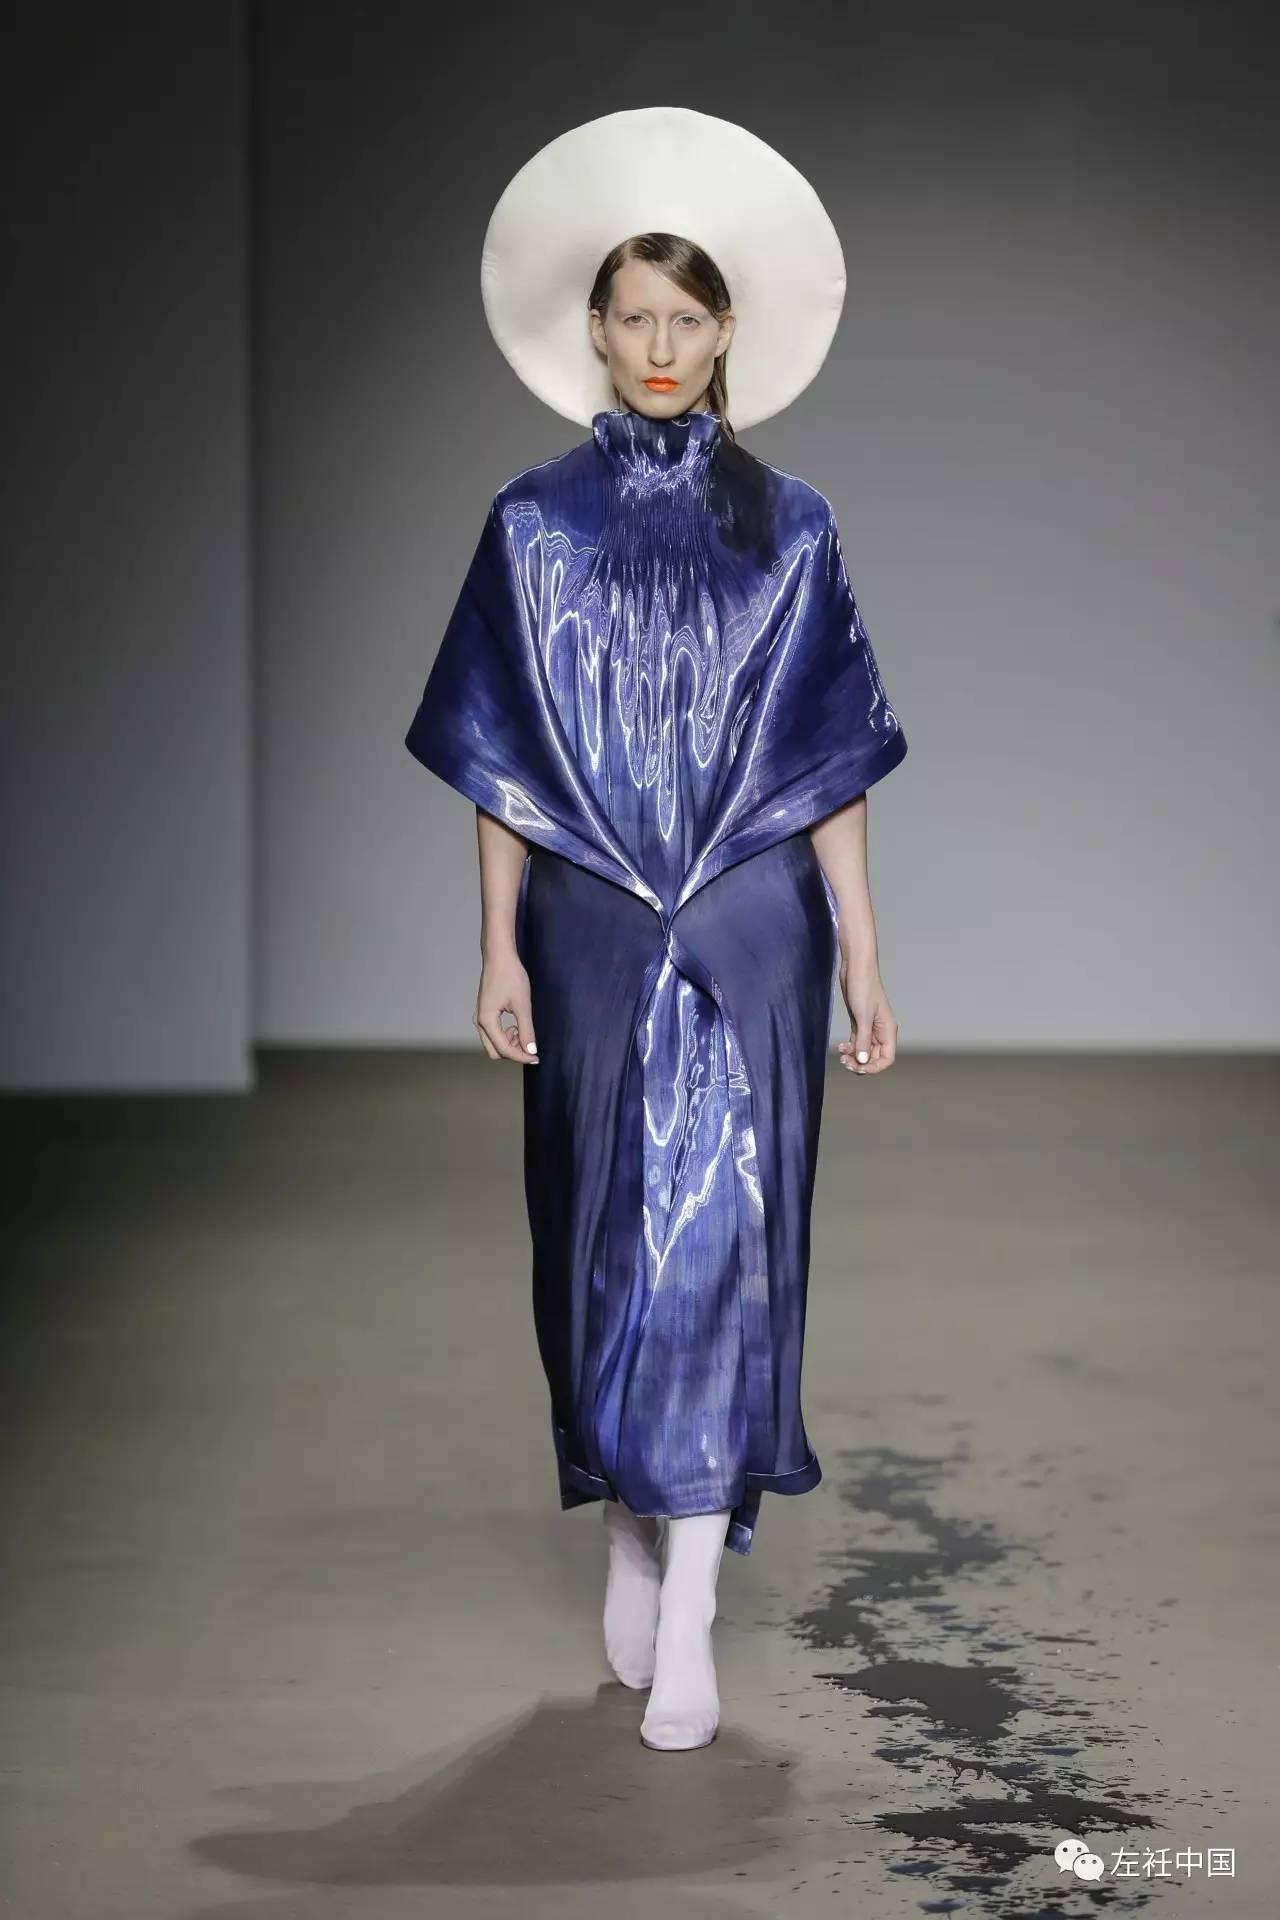 遇水即溶的未来时装震撼全场 ART 第90张